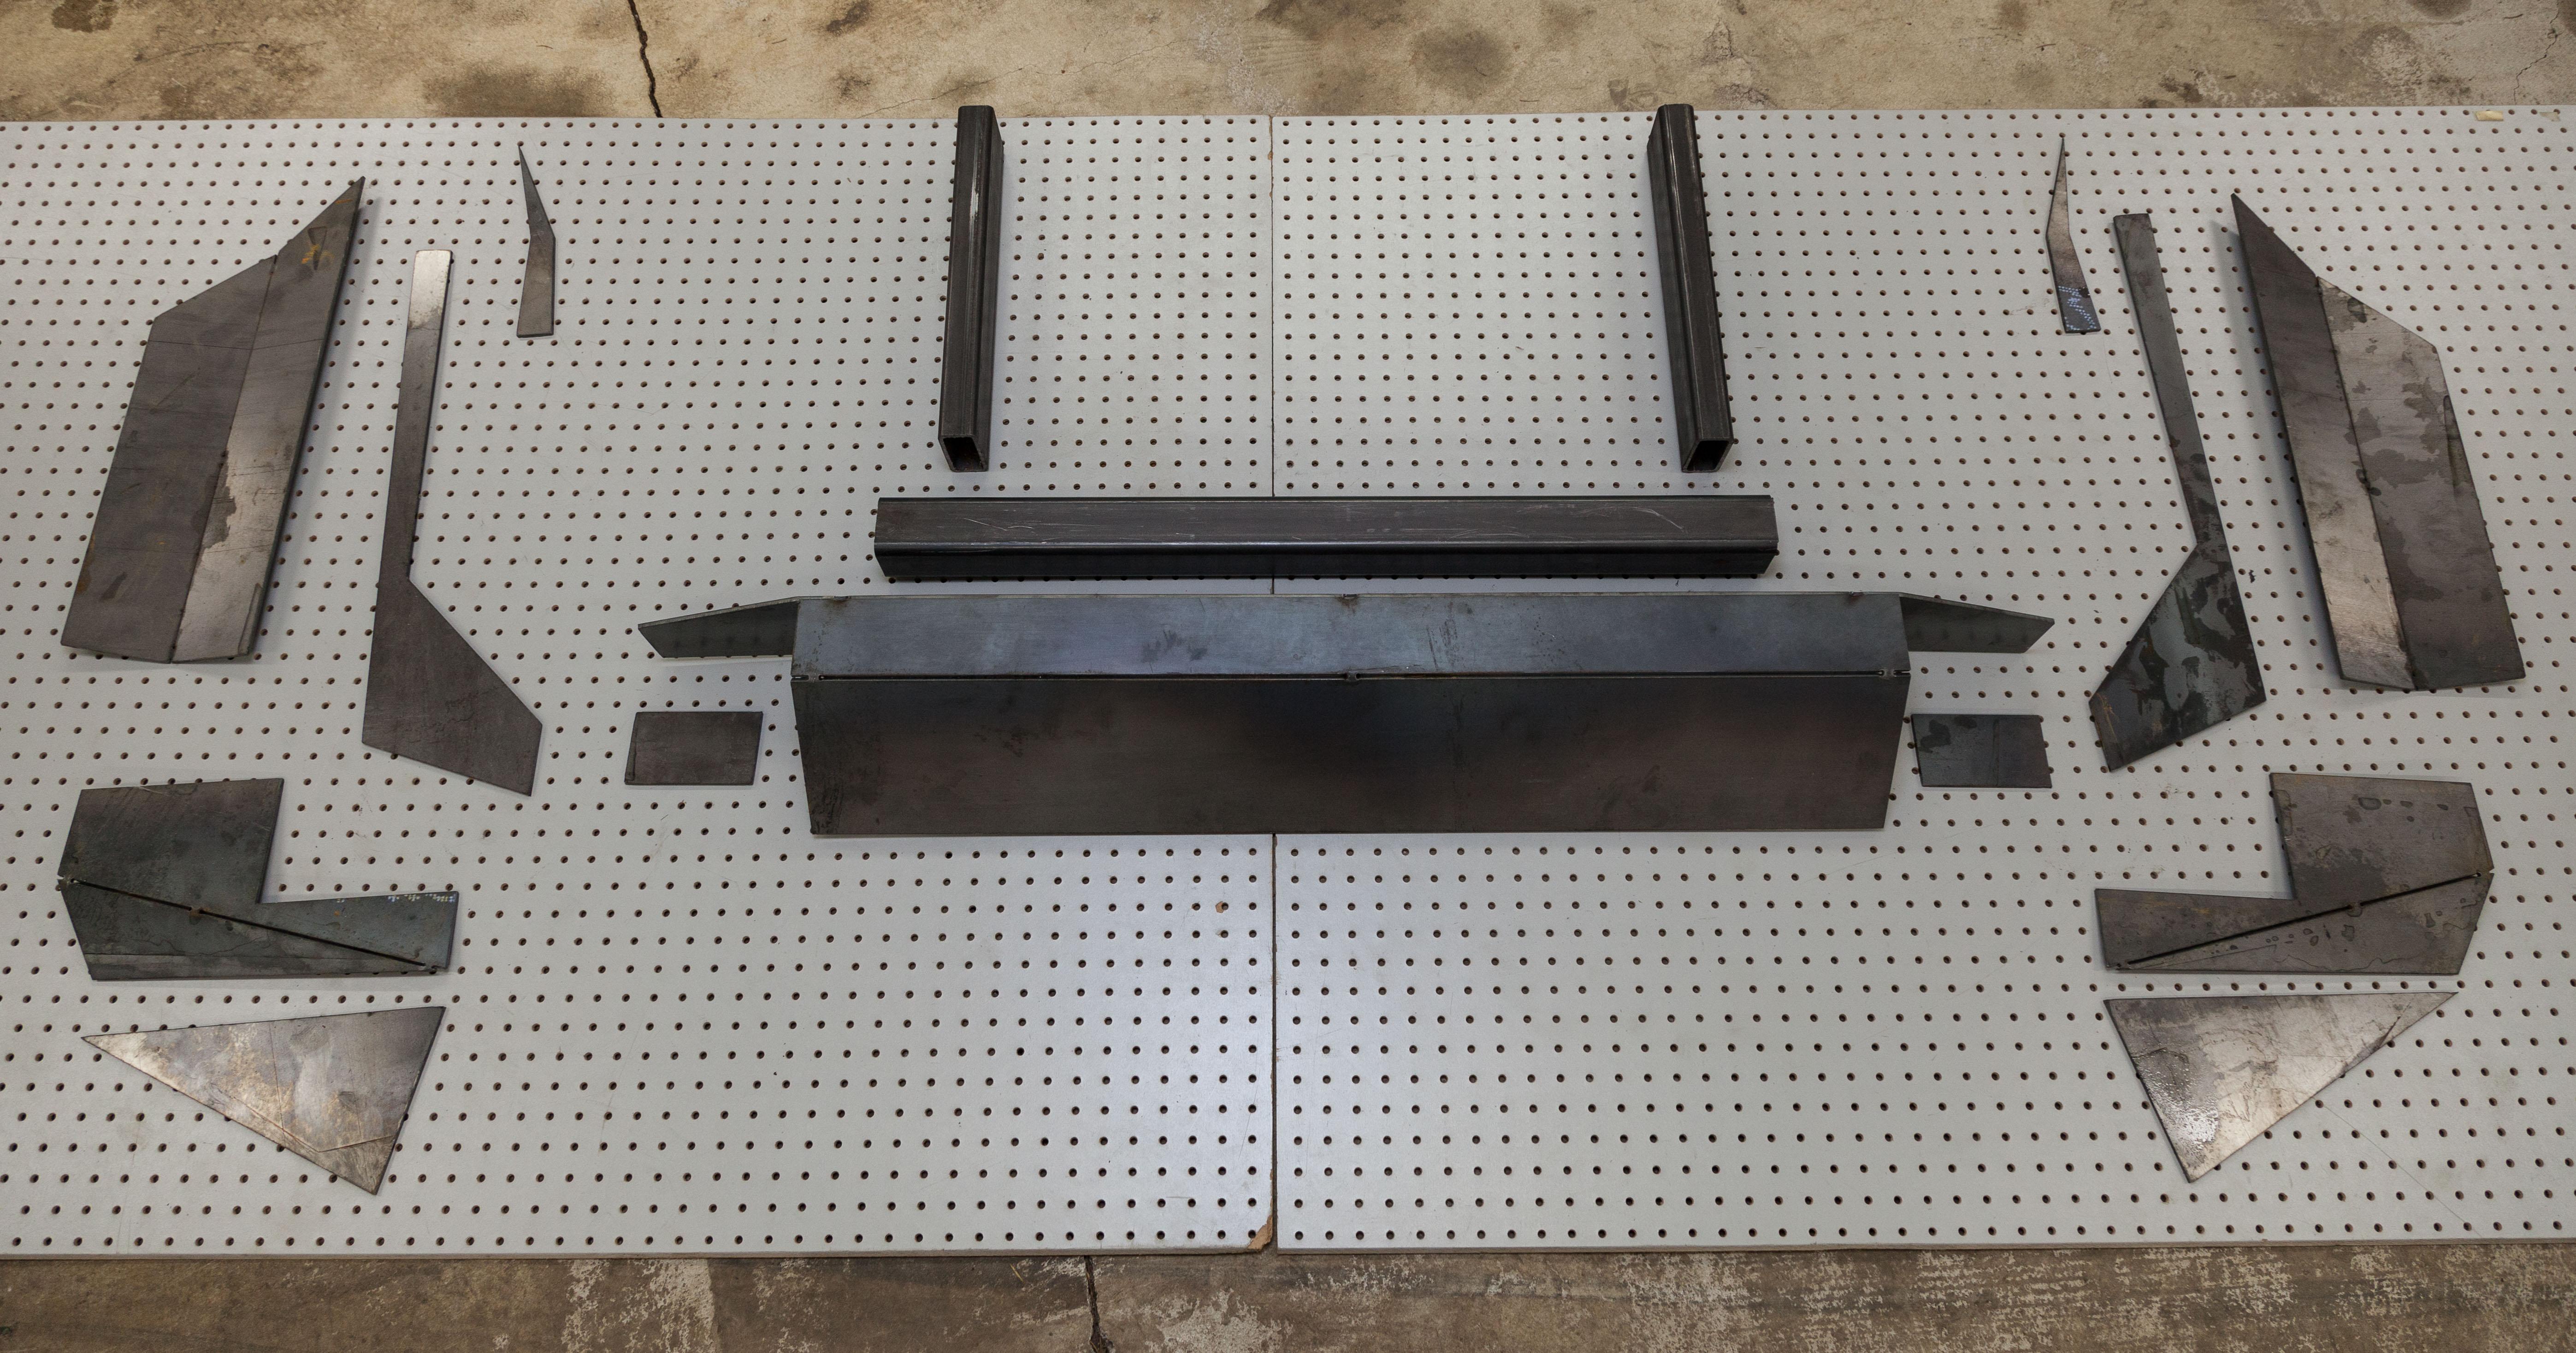 ZJ-Rear-Standard-Kit-1